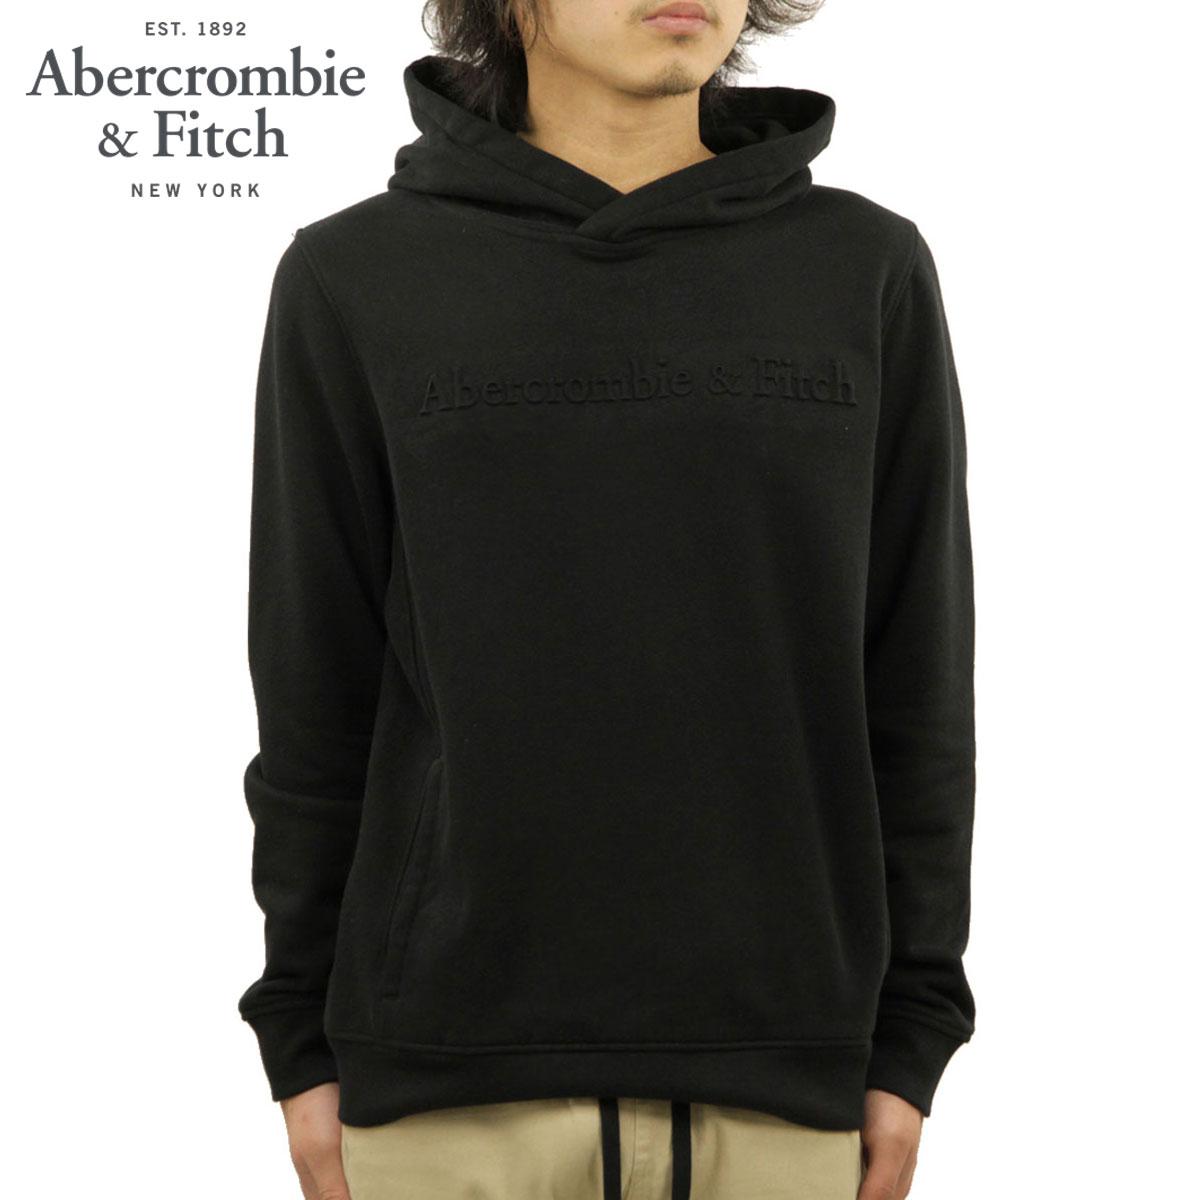 アバクロ パーカー メンズ 正規品 Abercrombie&Fitch プルオーバーパーカー ロゴ THE A&F LOGO PERFECT POPOVER HOODIE 122-231-0959-900